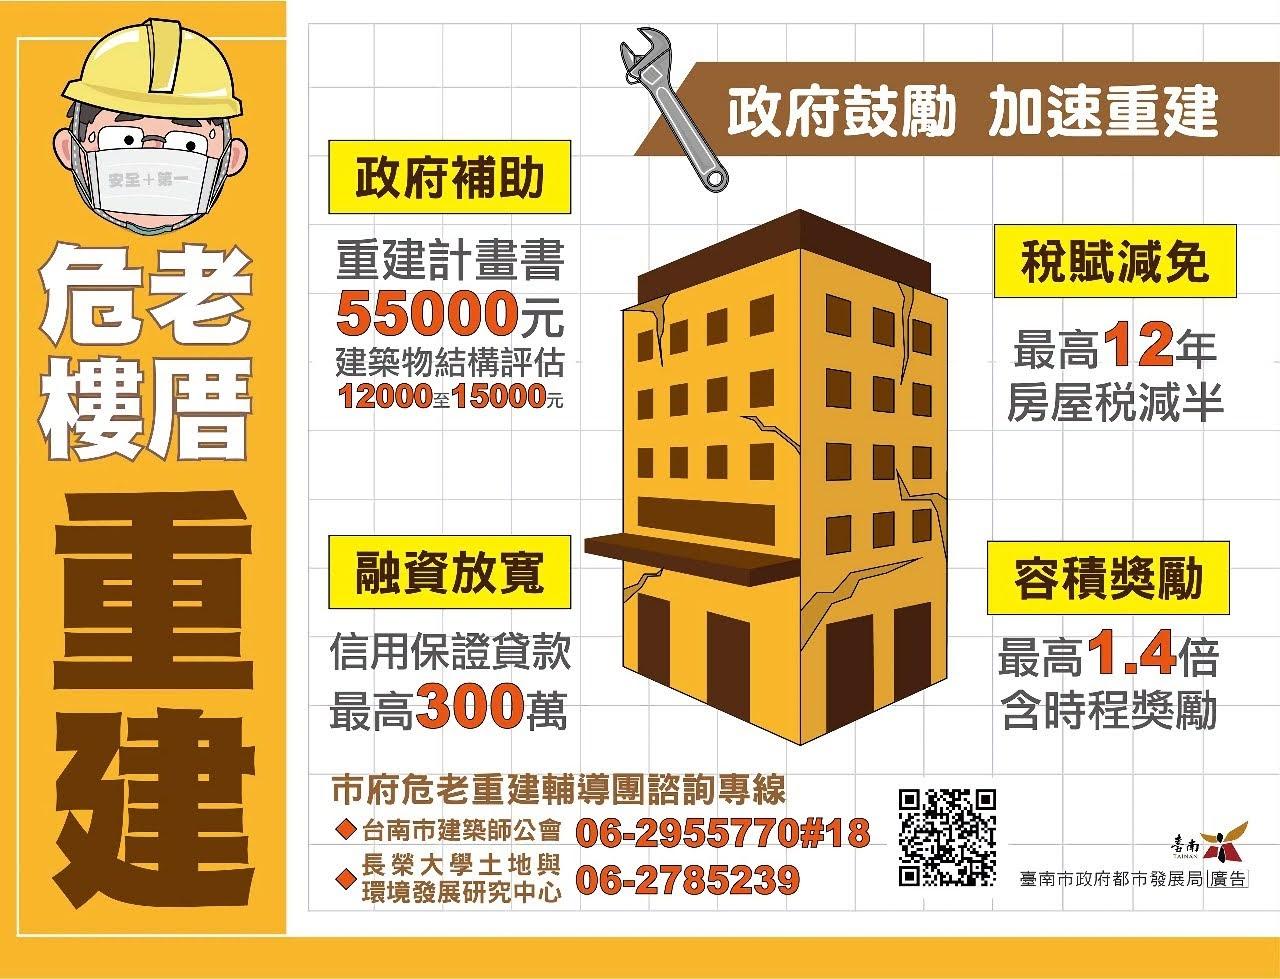 台南危樓老厝重建補助計畫|解決危老重建相關問題